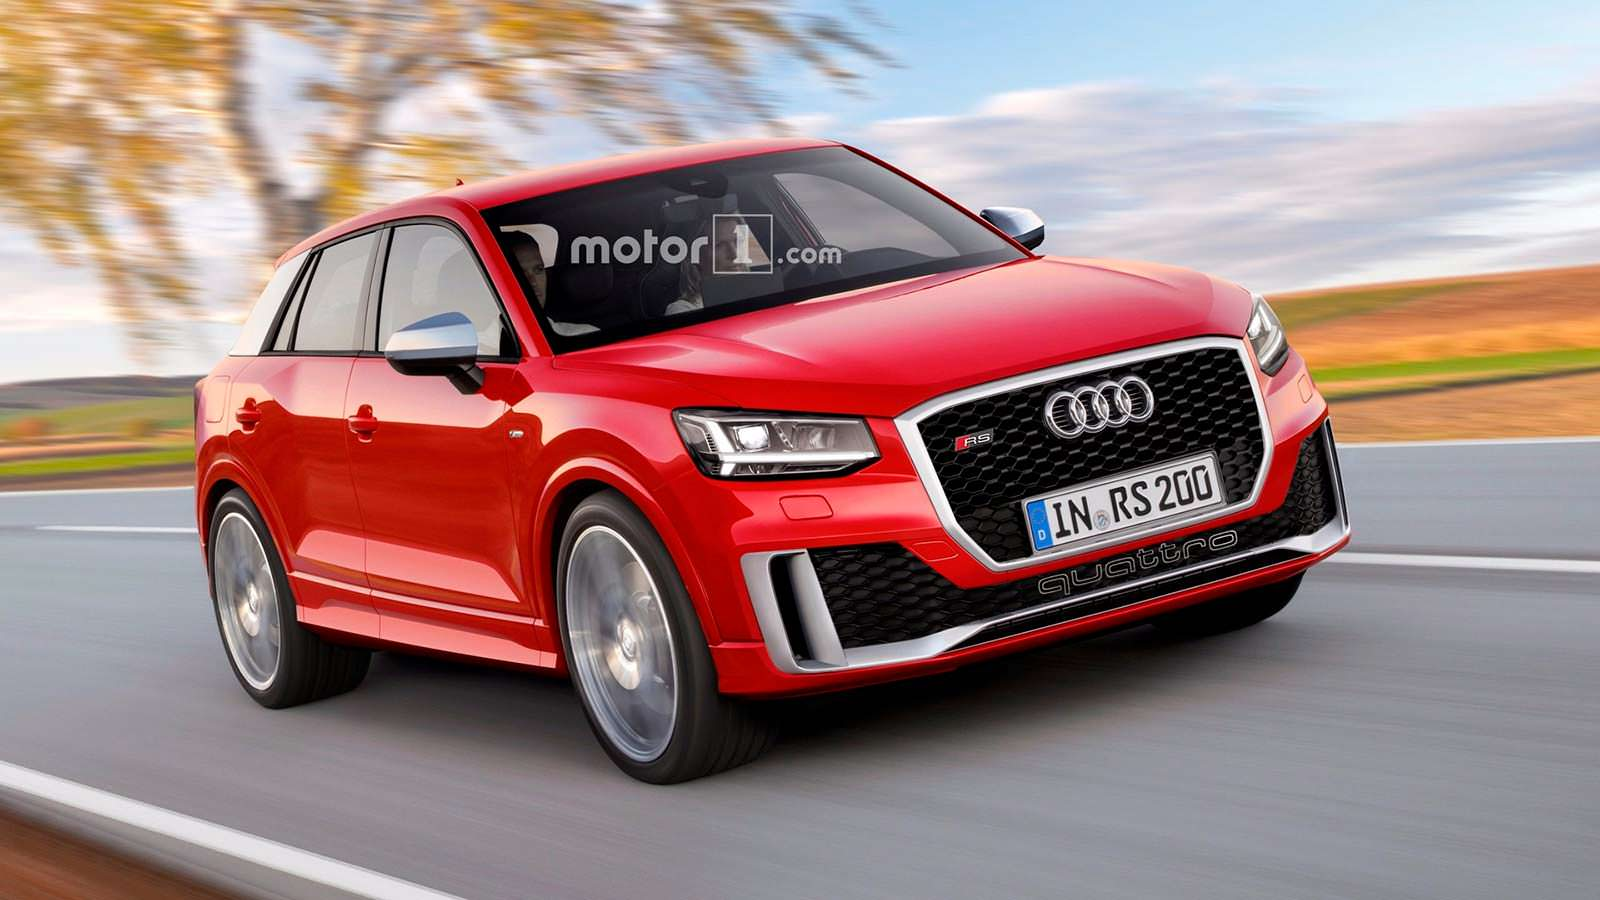 Фото | Audi RS Q2, неофициально от motor1.com